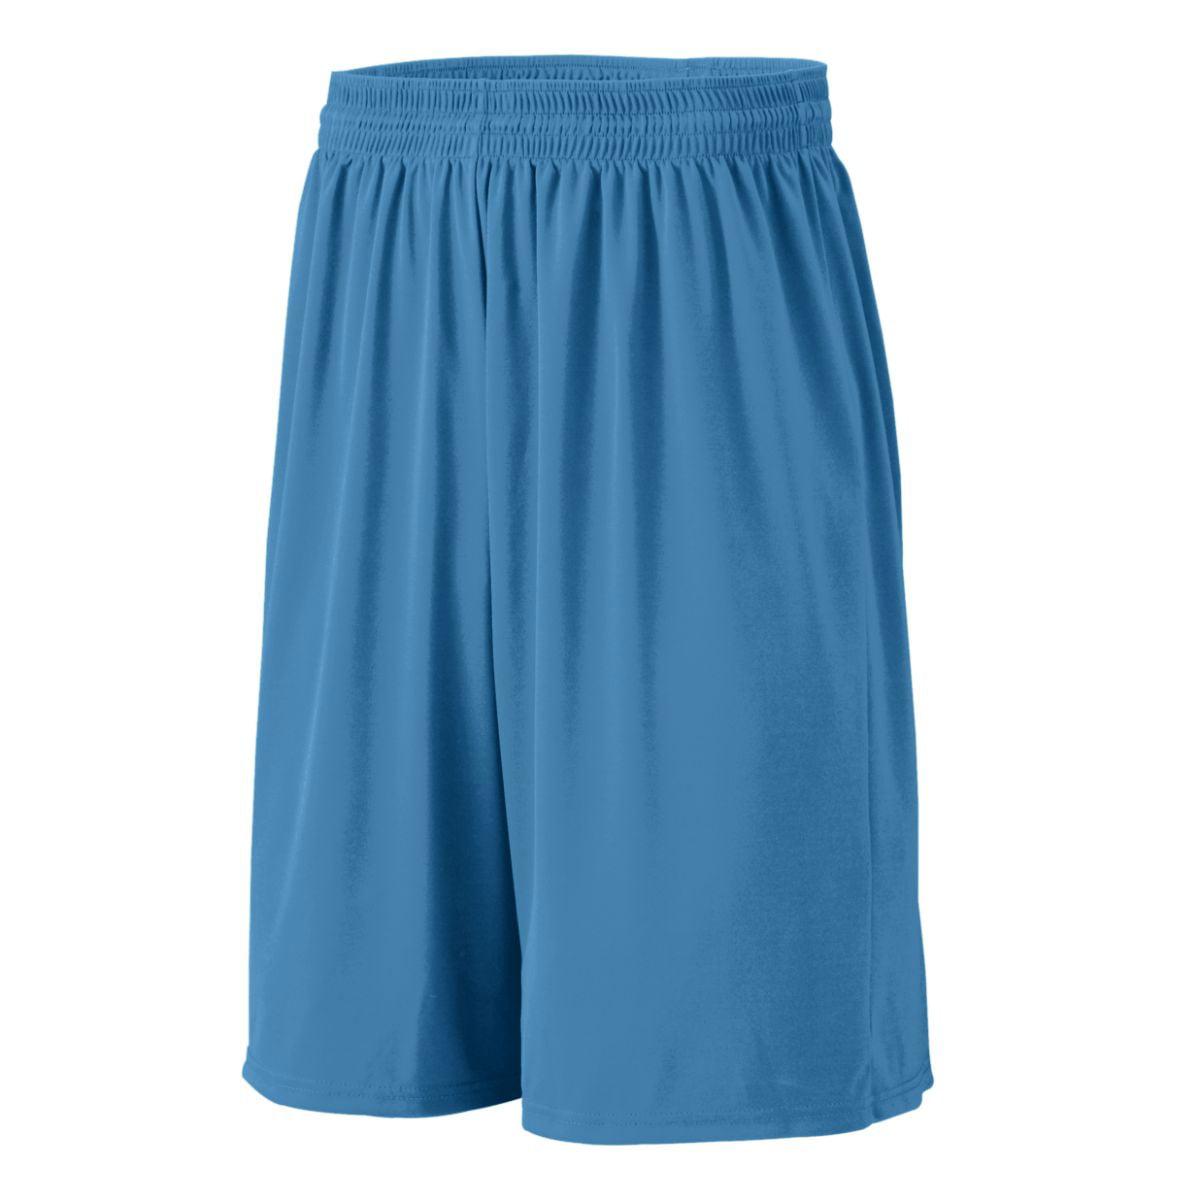 Augusta Baseline Short Col Blue S - image 1 de 1